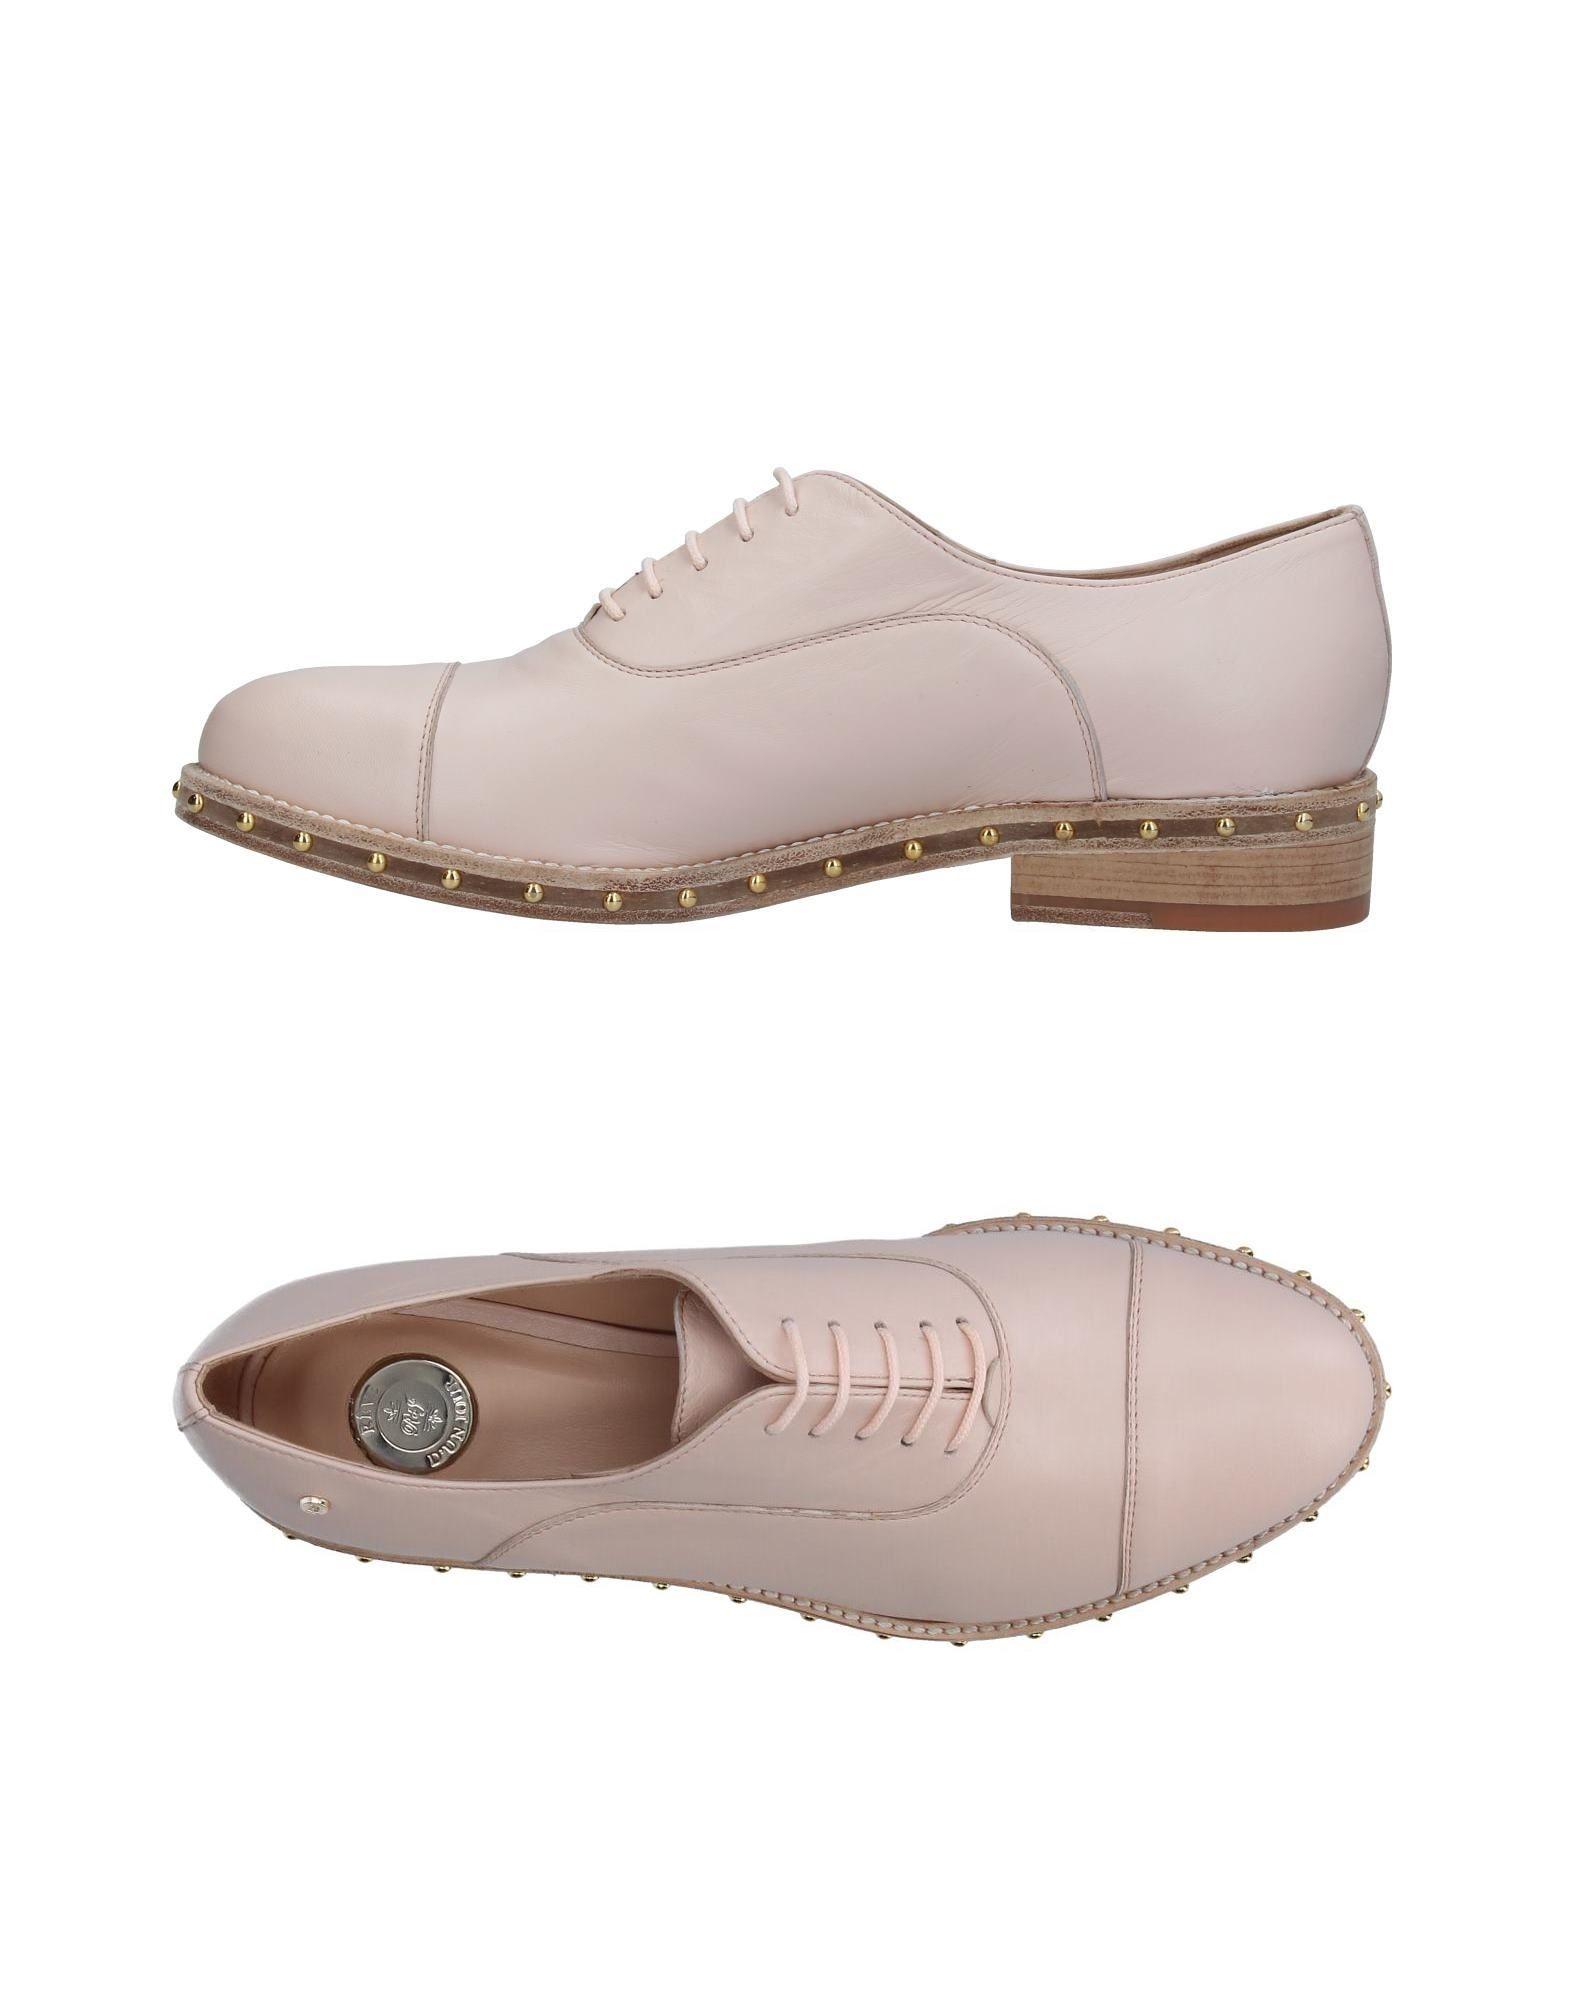 Rêve D'un Jour Schnürschuhe Damen  11343278PH Gute Qualität beliebte Schuhe